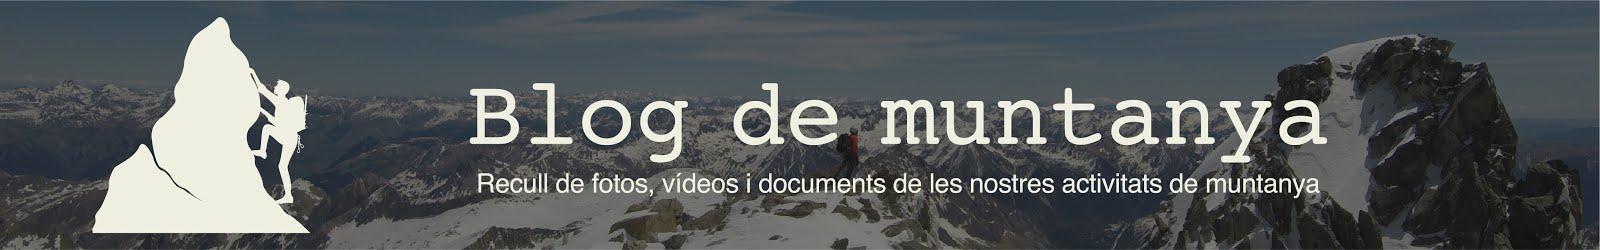 Blog de muntanya